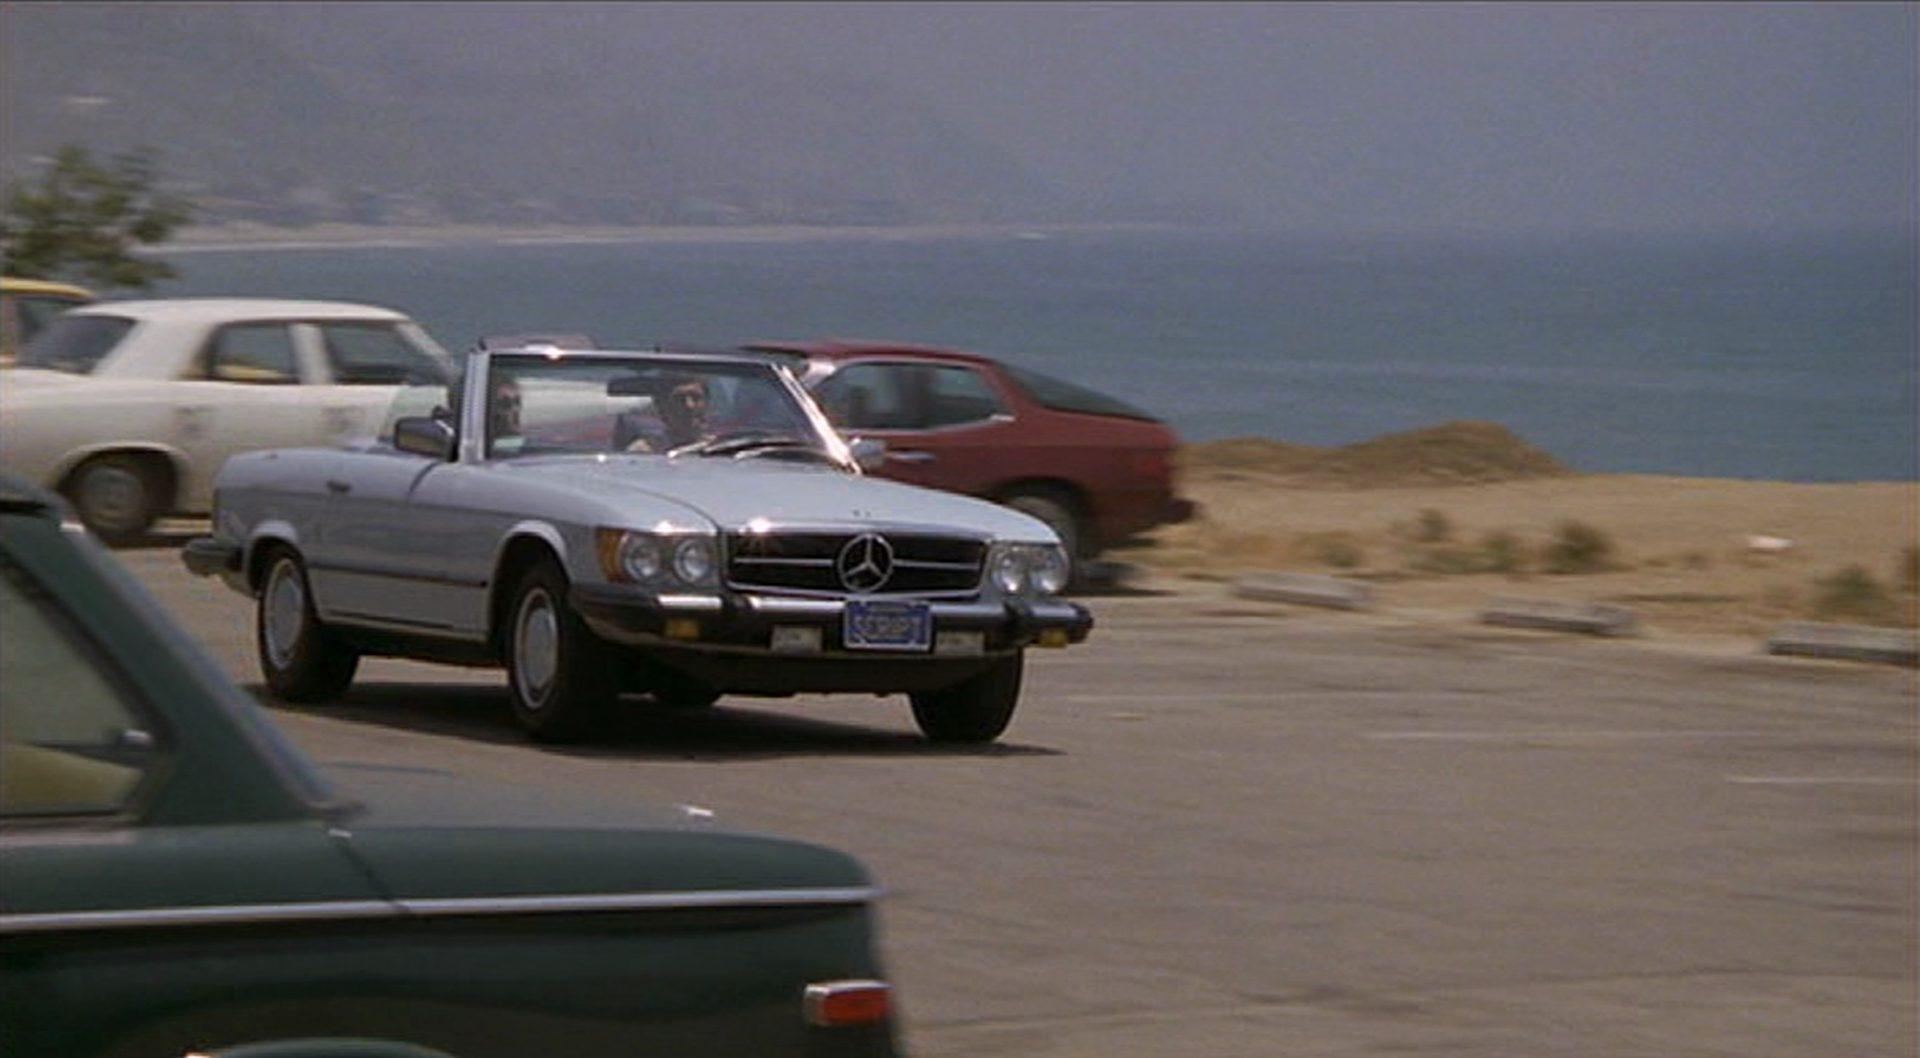 Fonda und Alda unterwegs in einem Merceedes SL Cabriolet.